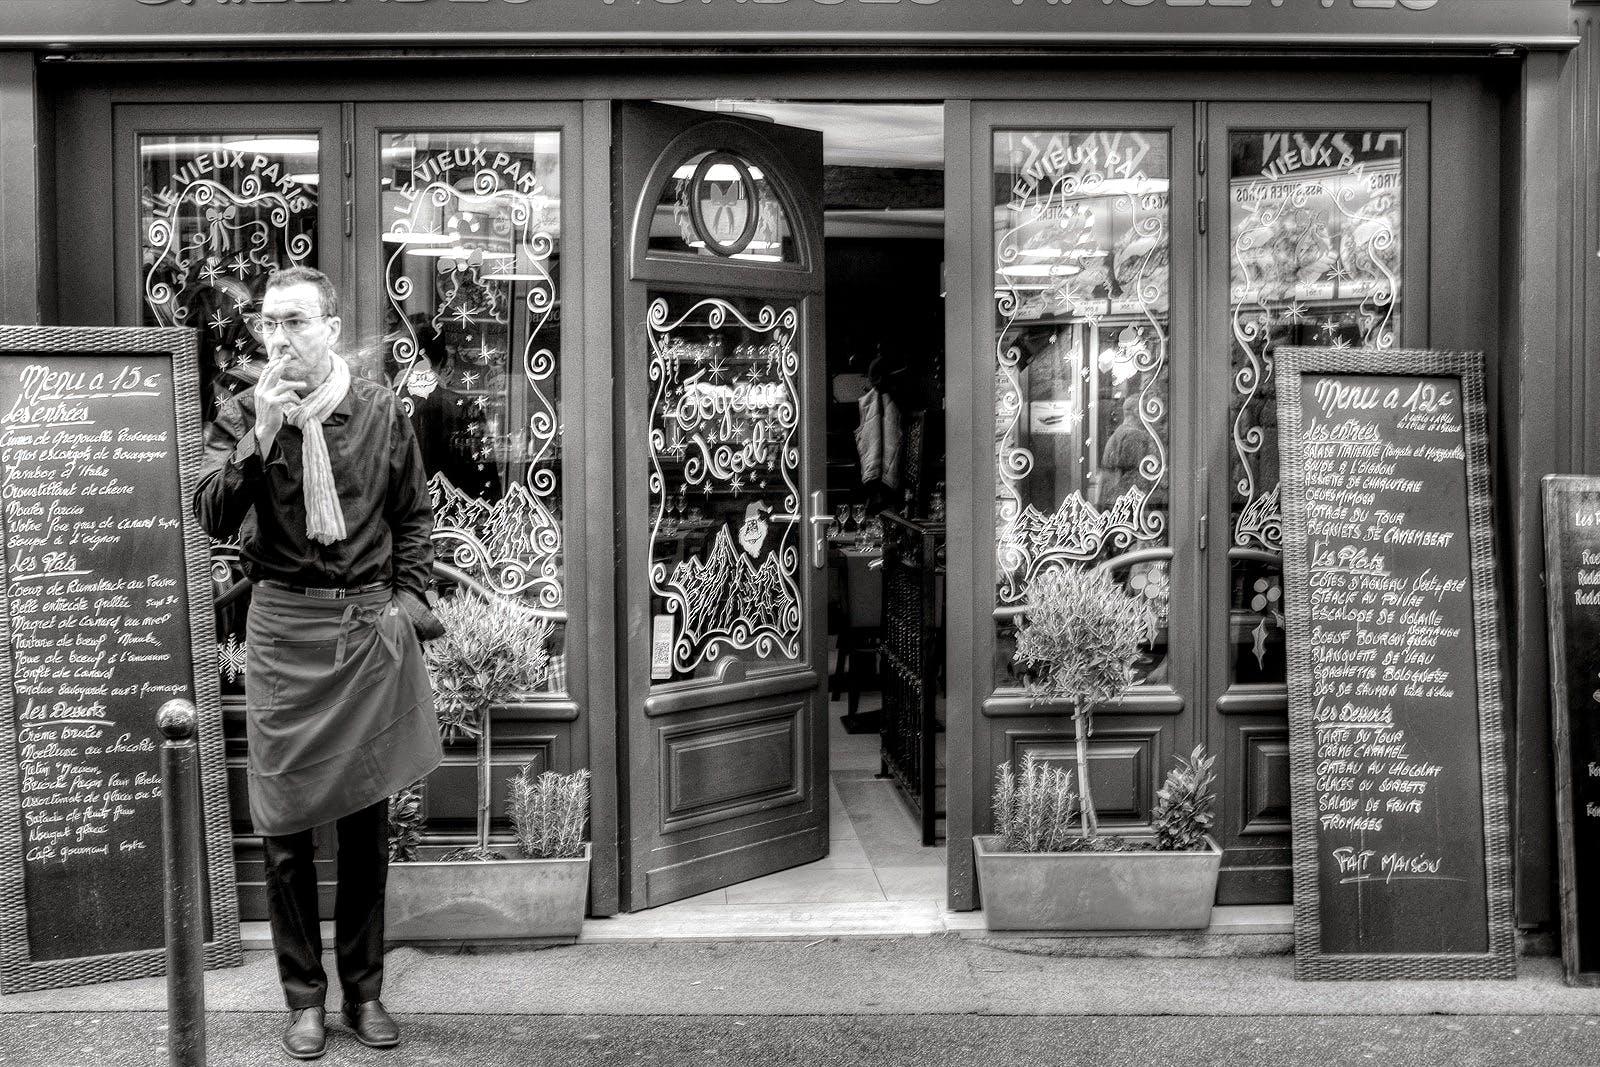 おとこ, ドア, レストラン, 人の無料の写真素材